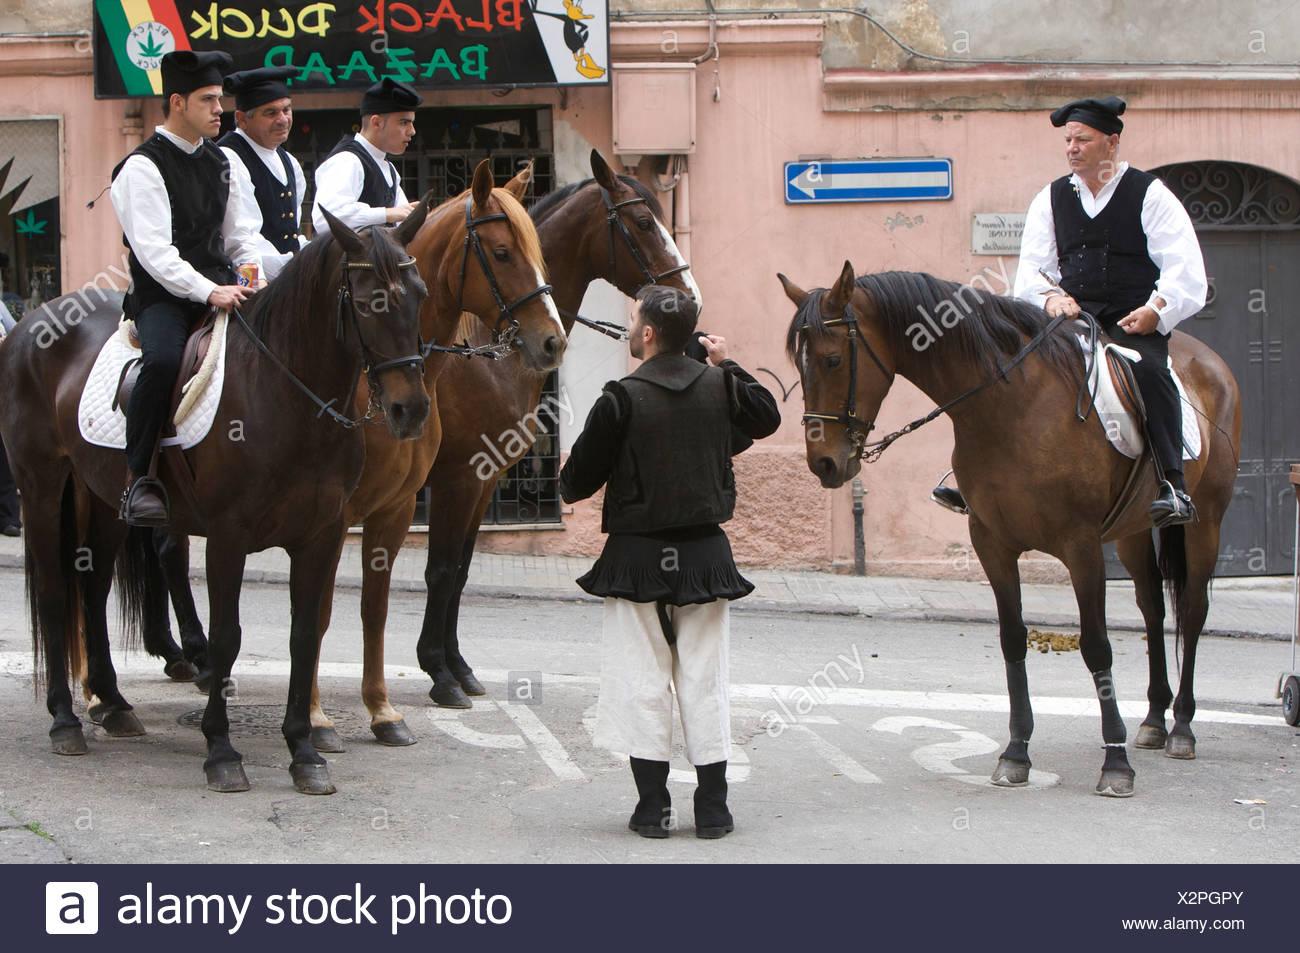 Equitazione indossando costumi tradizionali presso la cavalcata sarda  festival di Sassari 5b61eb5dc99